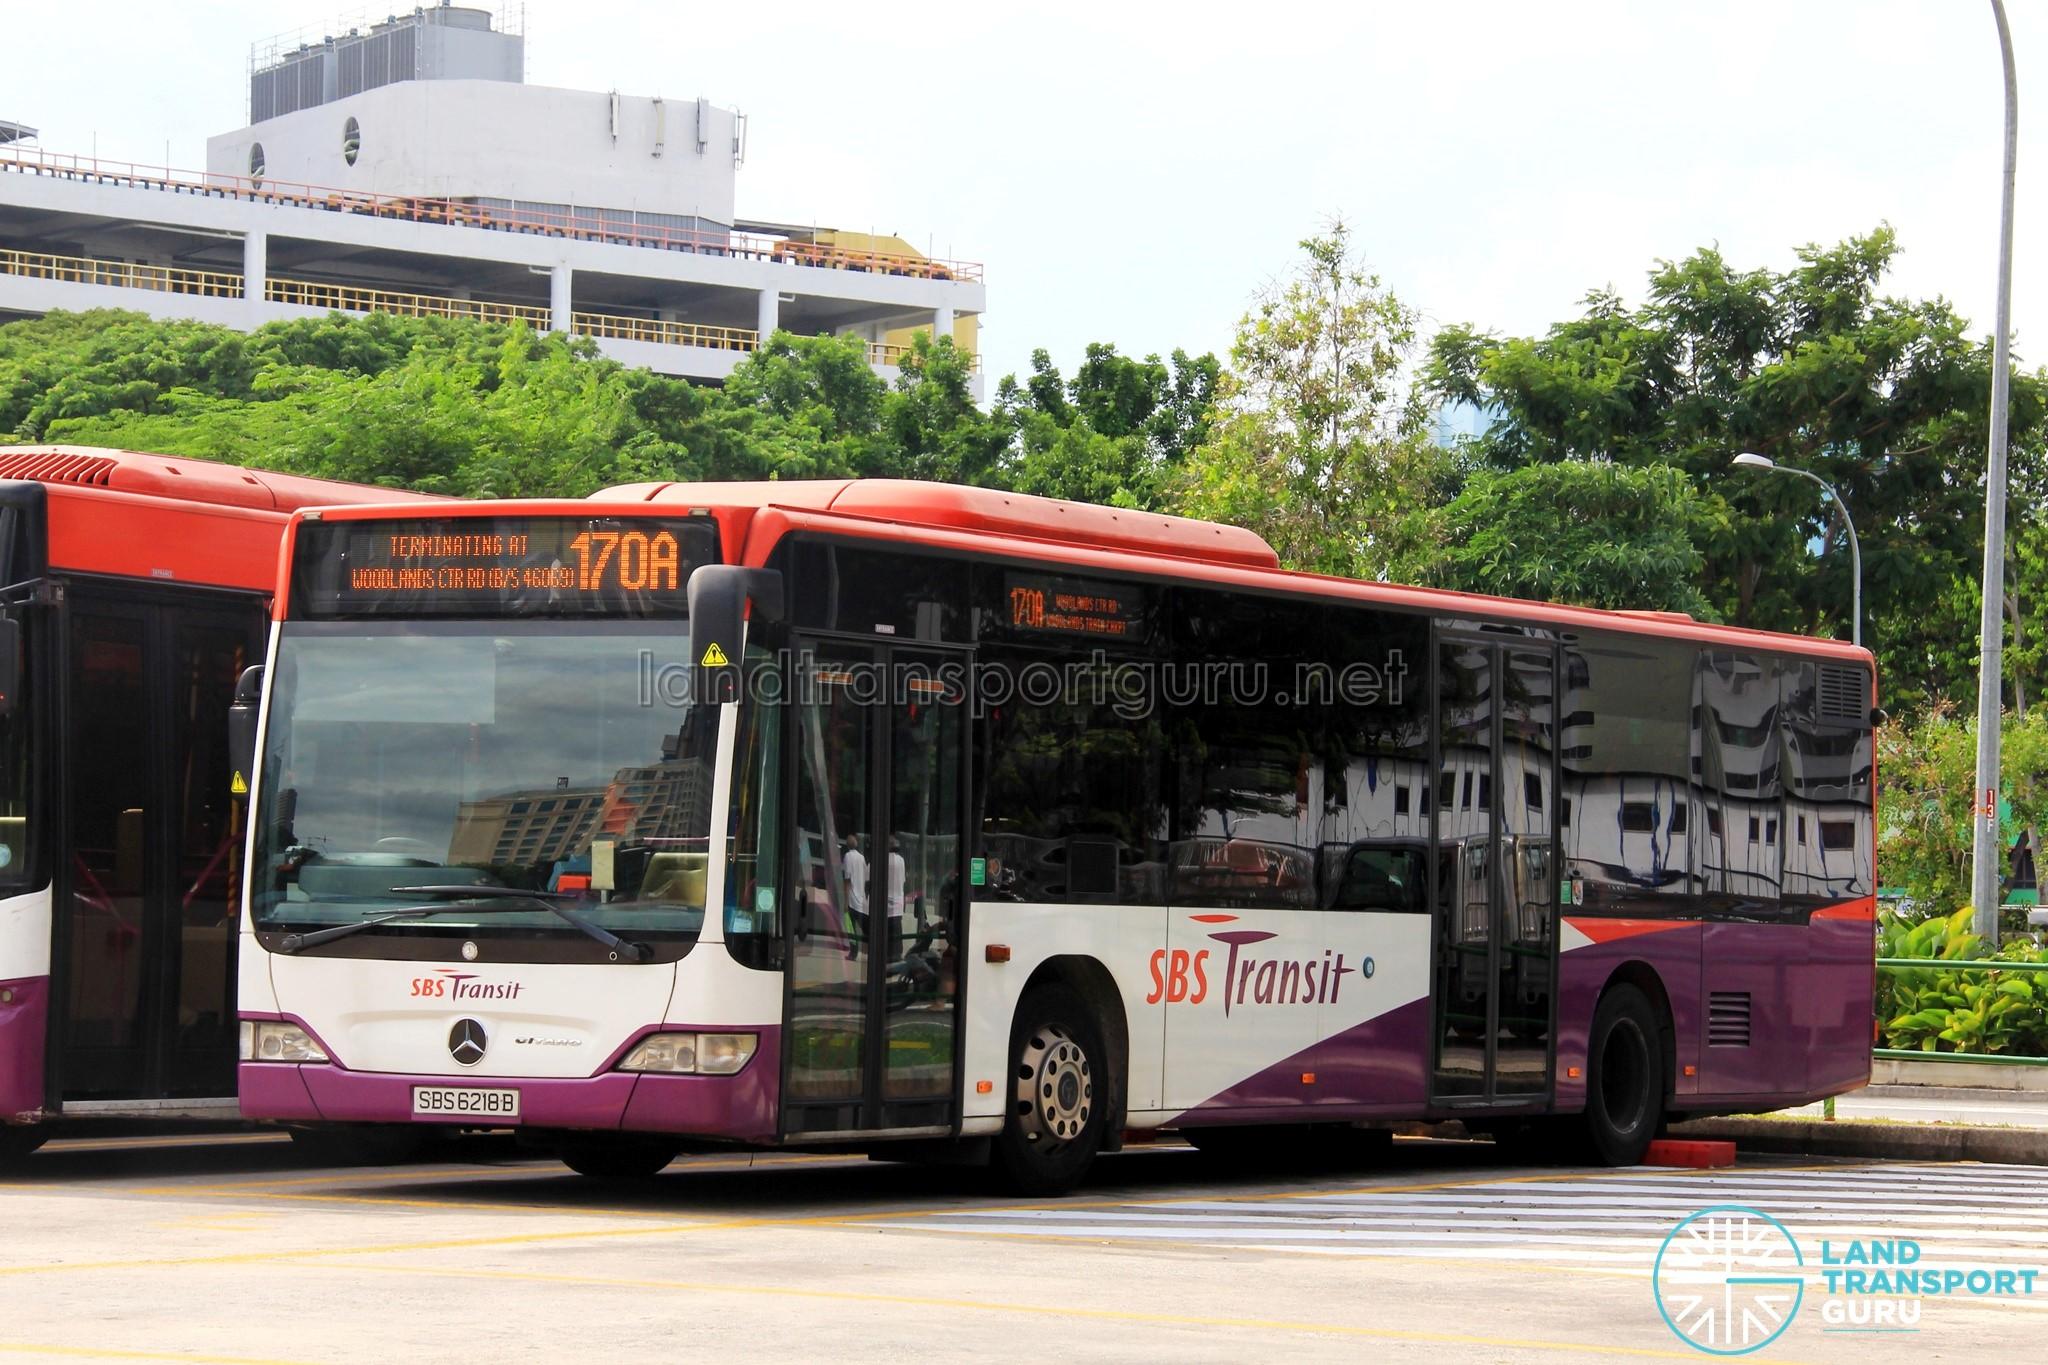 Sbs transit bus service 170 land transport guru for Mercedes benz woodlands service